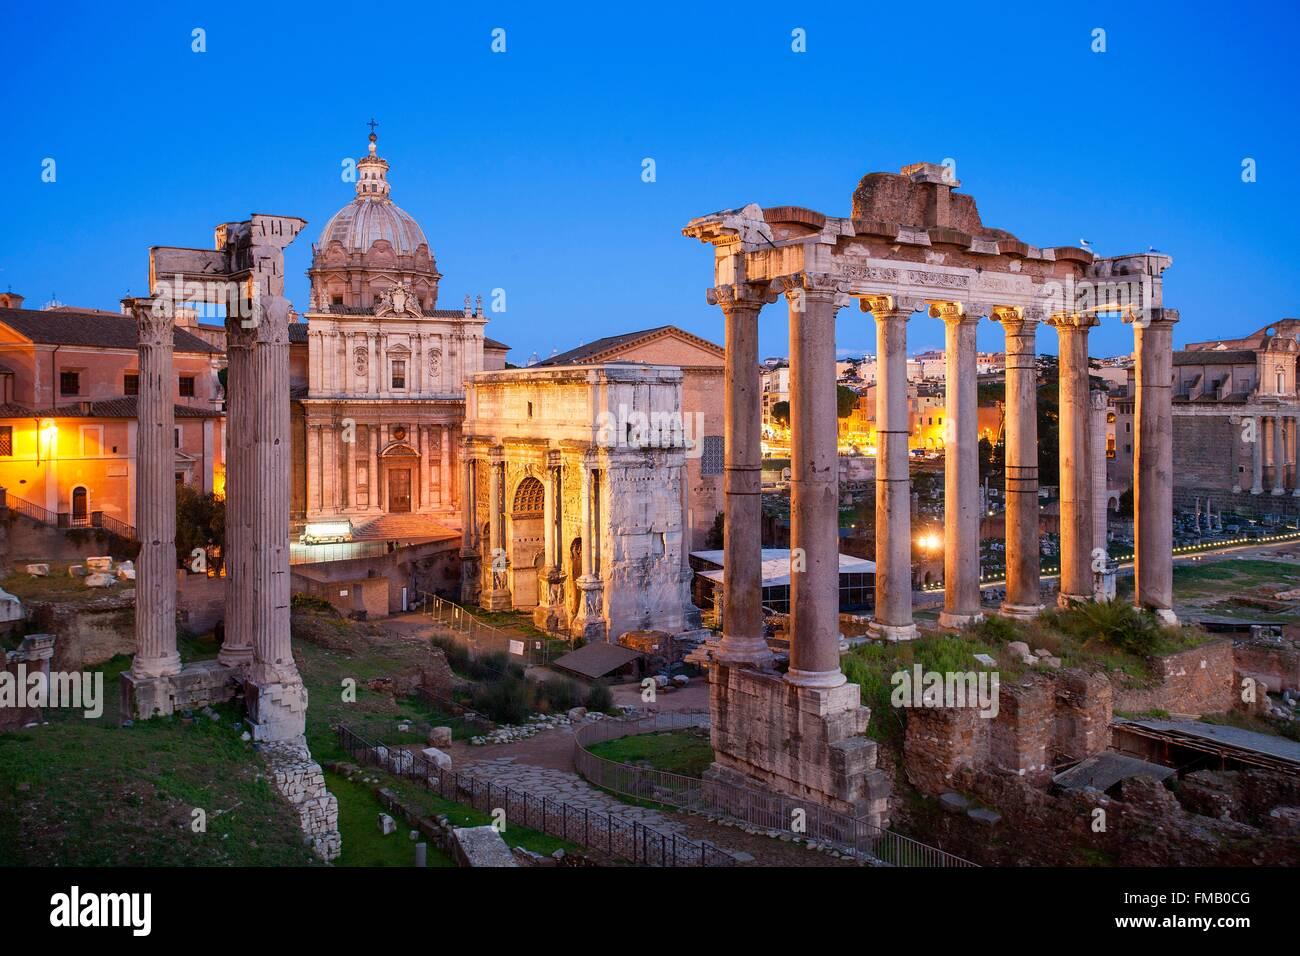 Italia, Lazio, Roma, centro histórico catalogado como Patrimonio Mundial por la UNESCO, el Foro Romano y el Imagen De Stock